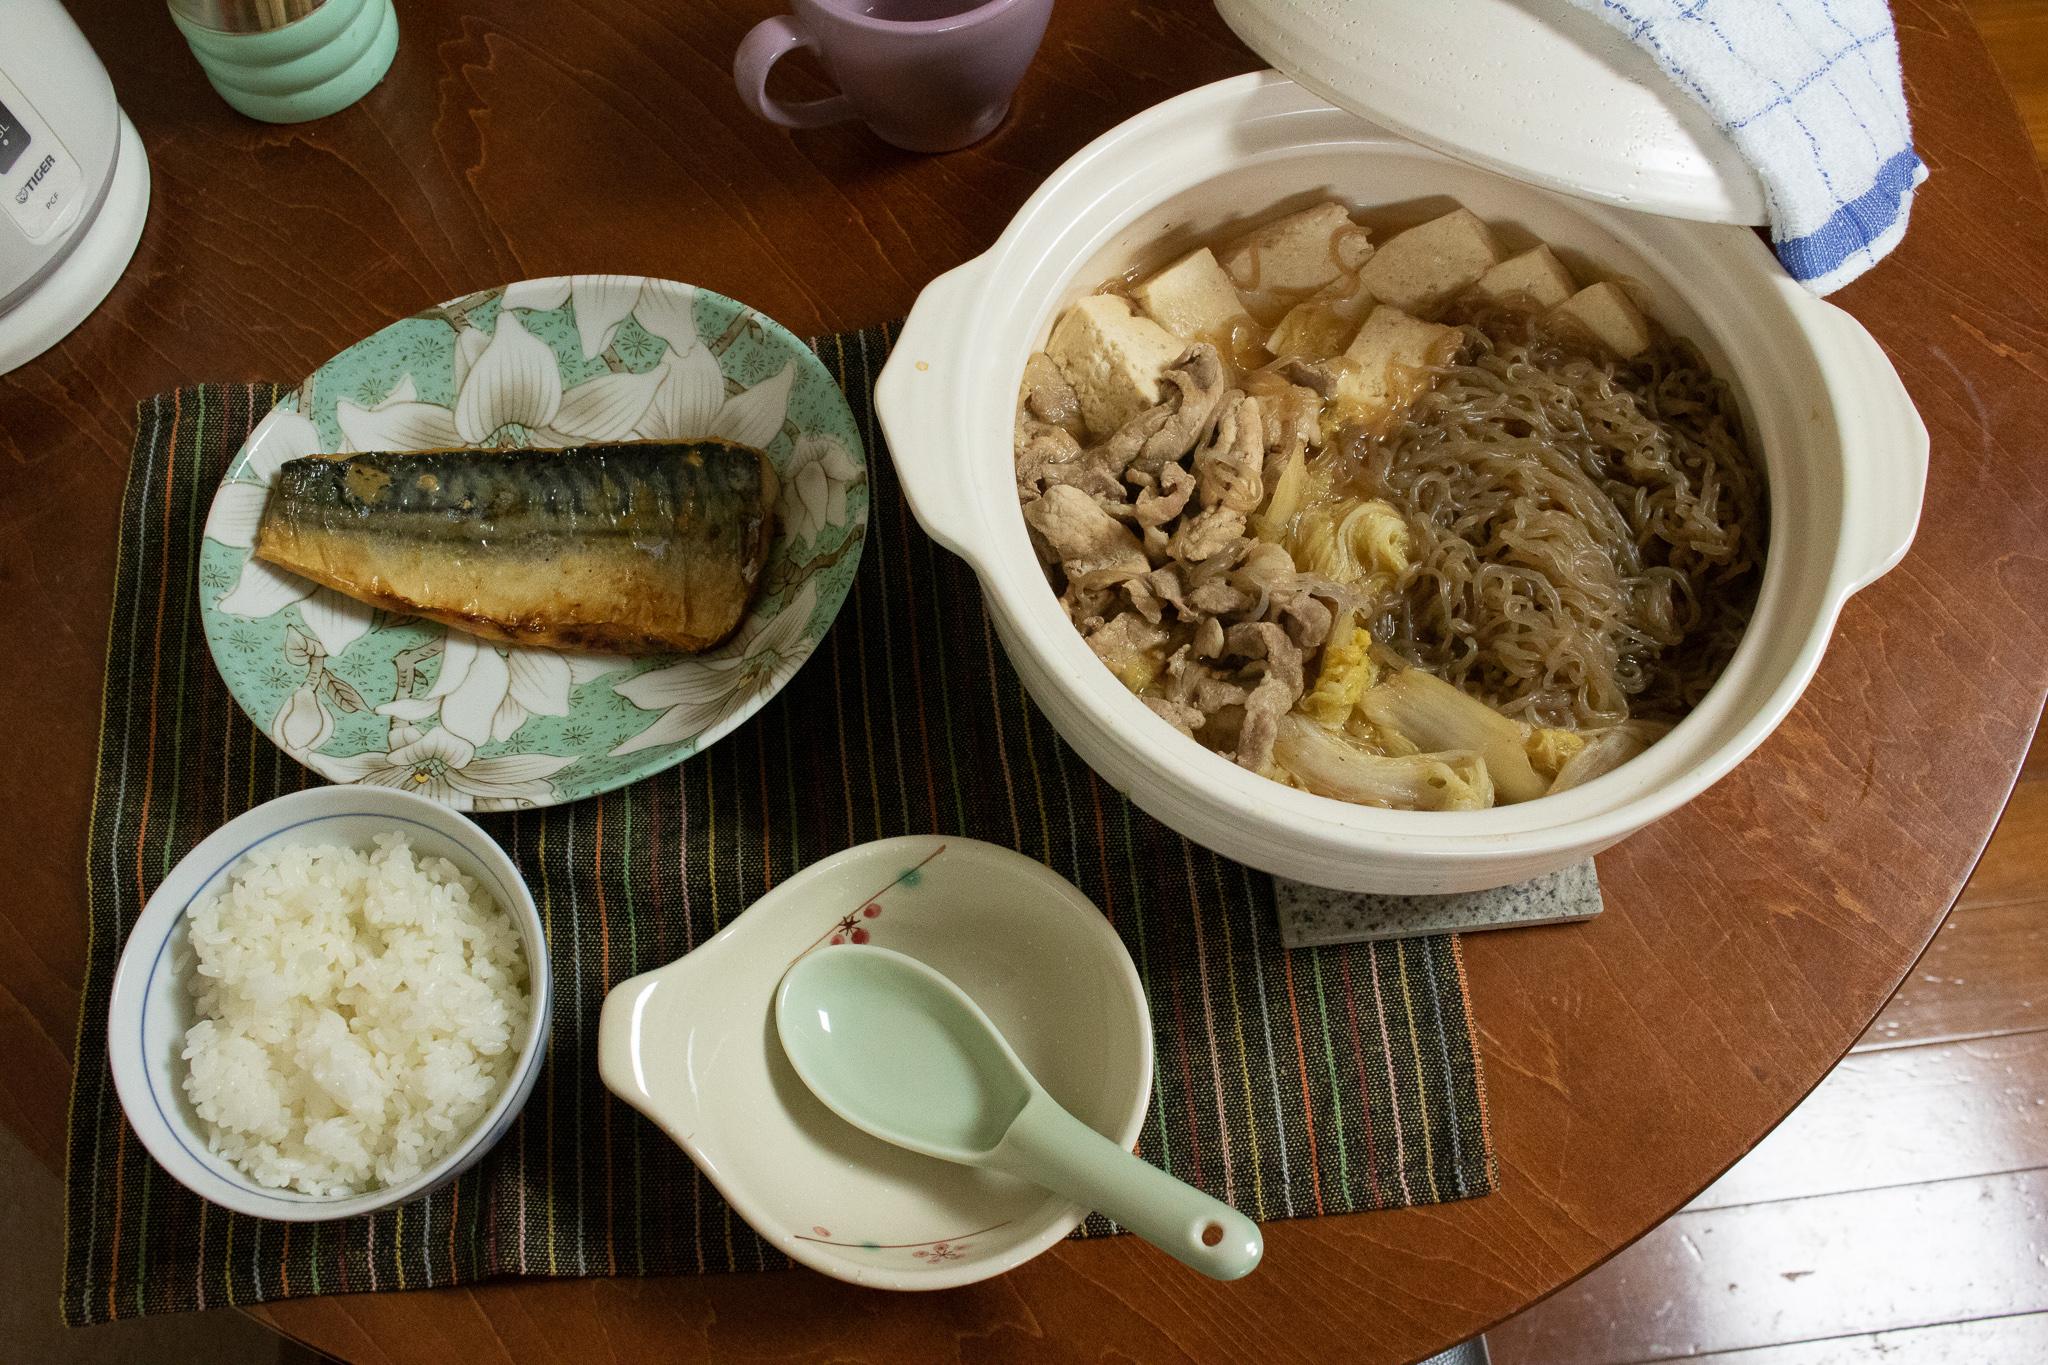 201218_雑談_肉豆腐_1